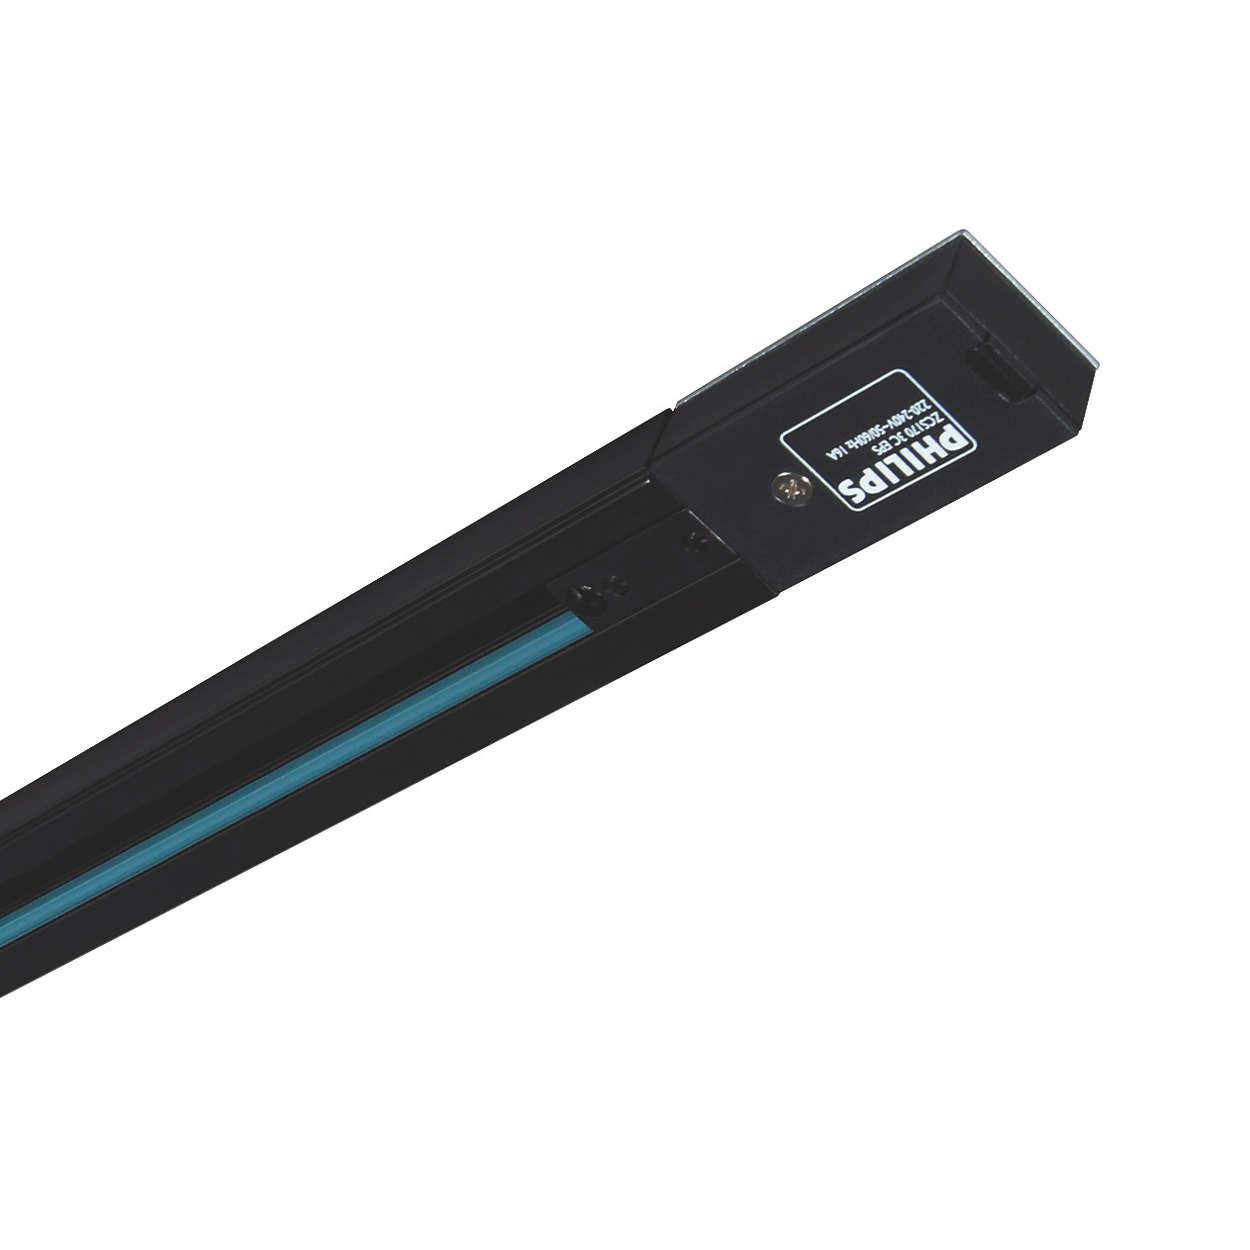 Smart Track RCS170智能轨道射灯 —— 创造优质照明的可靠方法